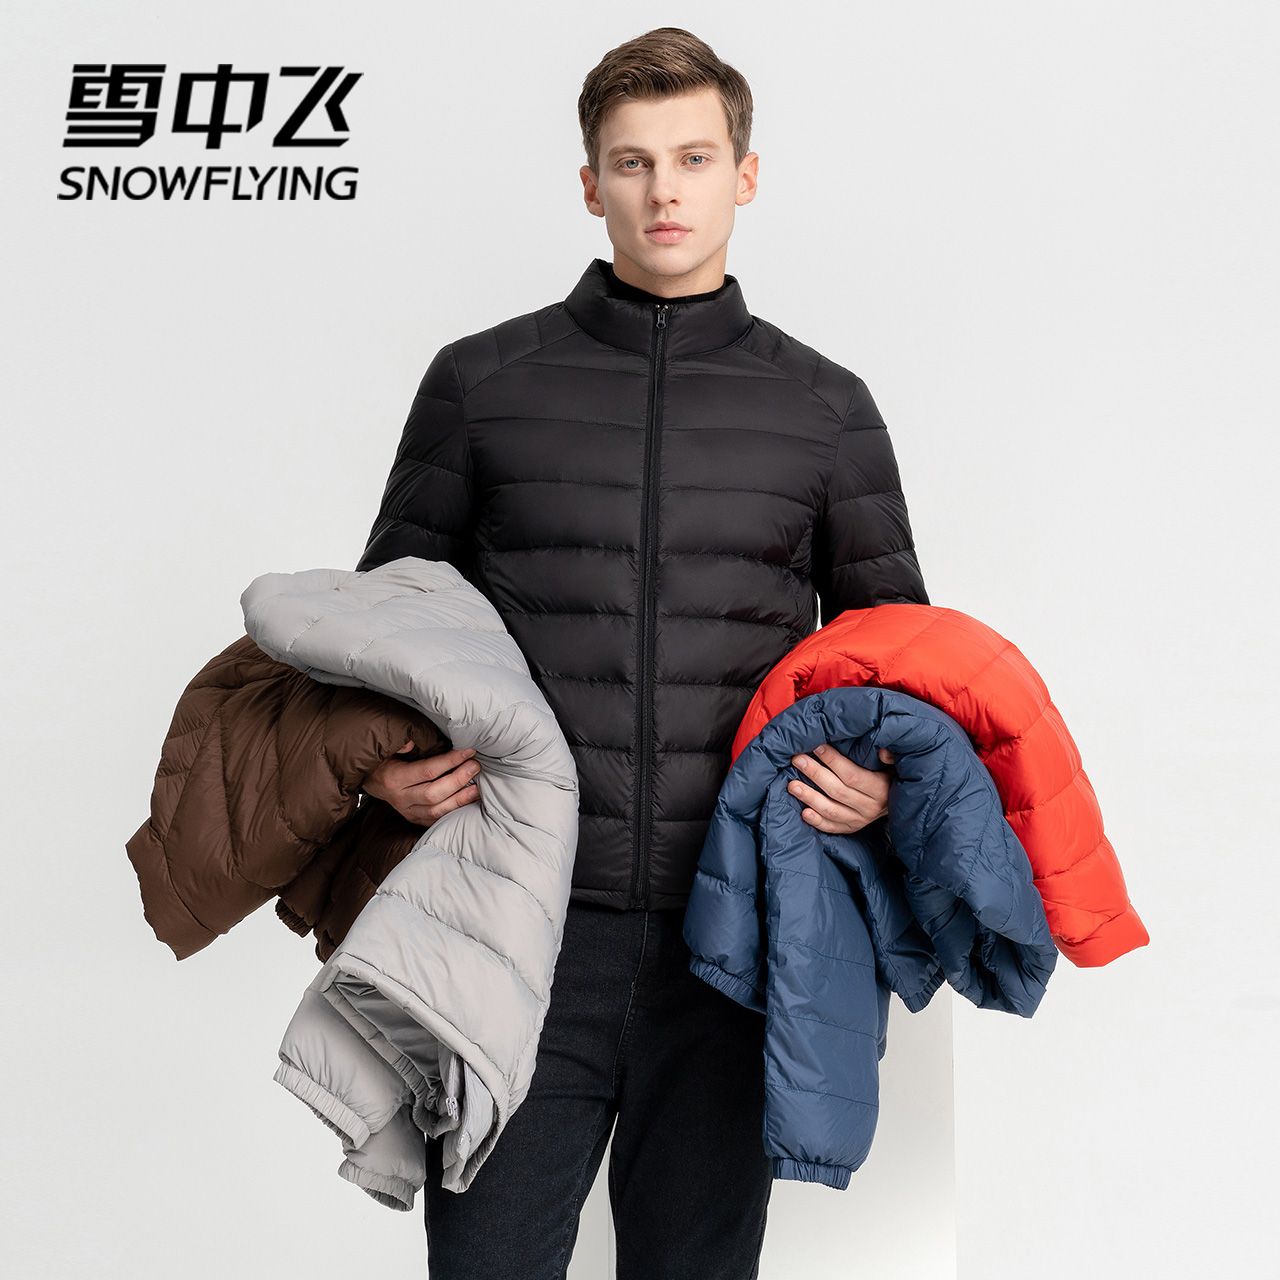 雪中飞2021新款轻薄羽绒服男士休闲短款加绒立领轻便保暖外套